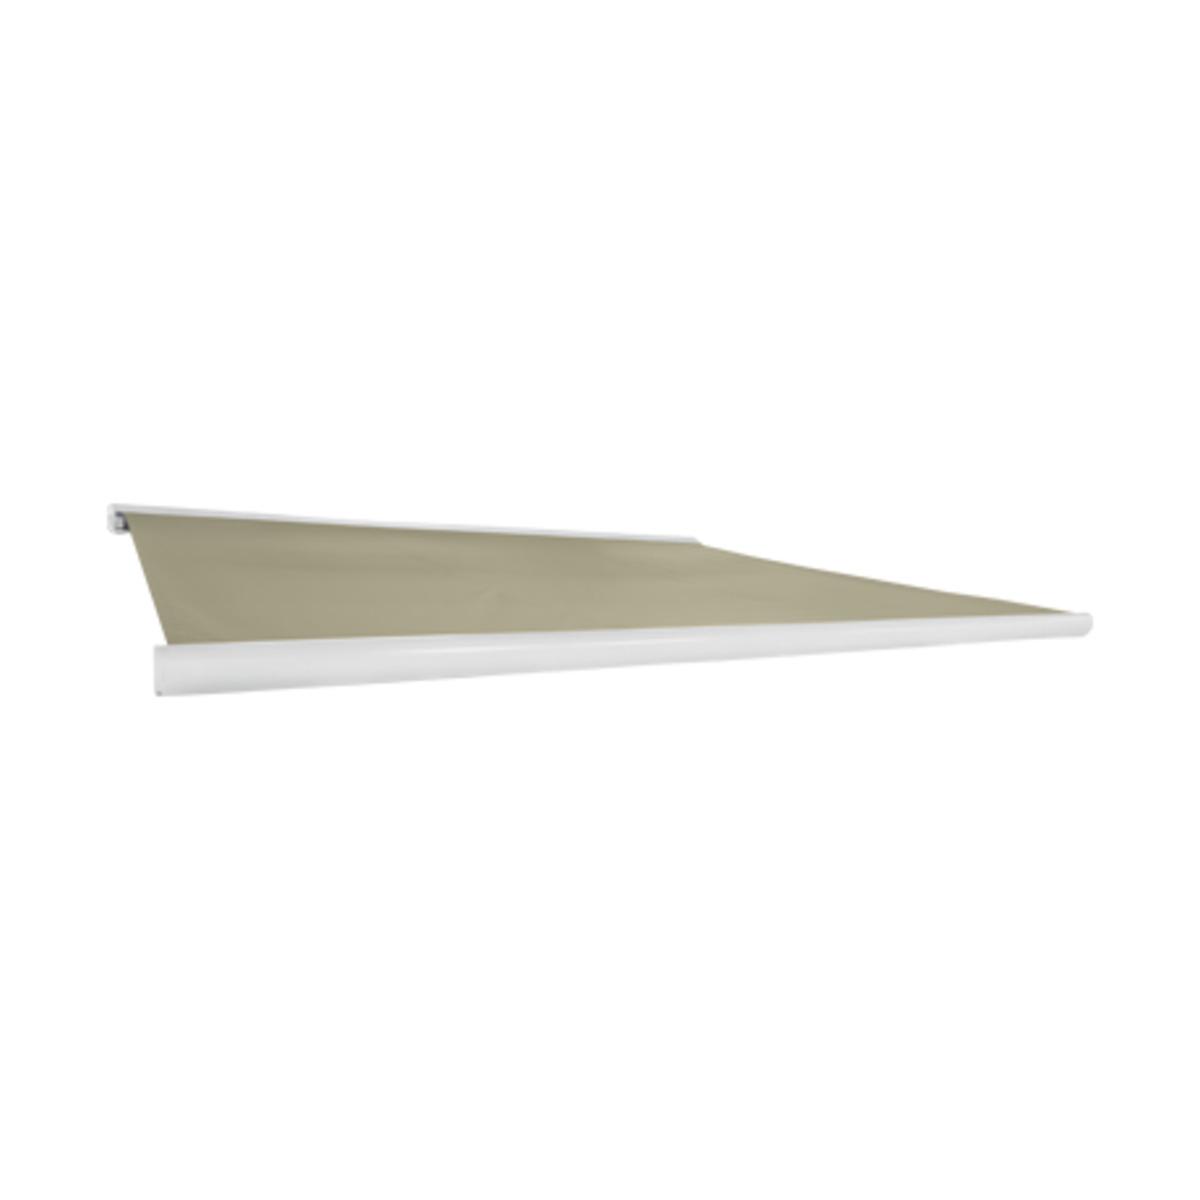 Bild 5 von LED-Vollkassettenmarkise 400x300 cm, sandfarben1